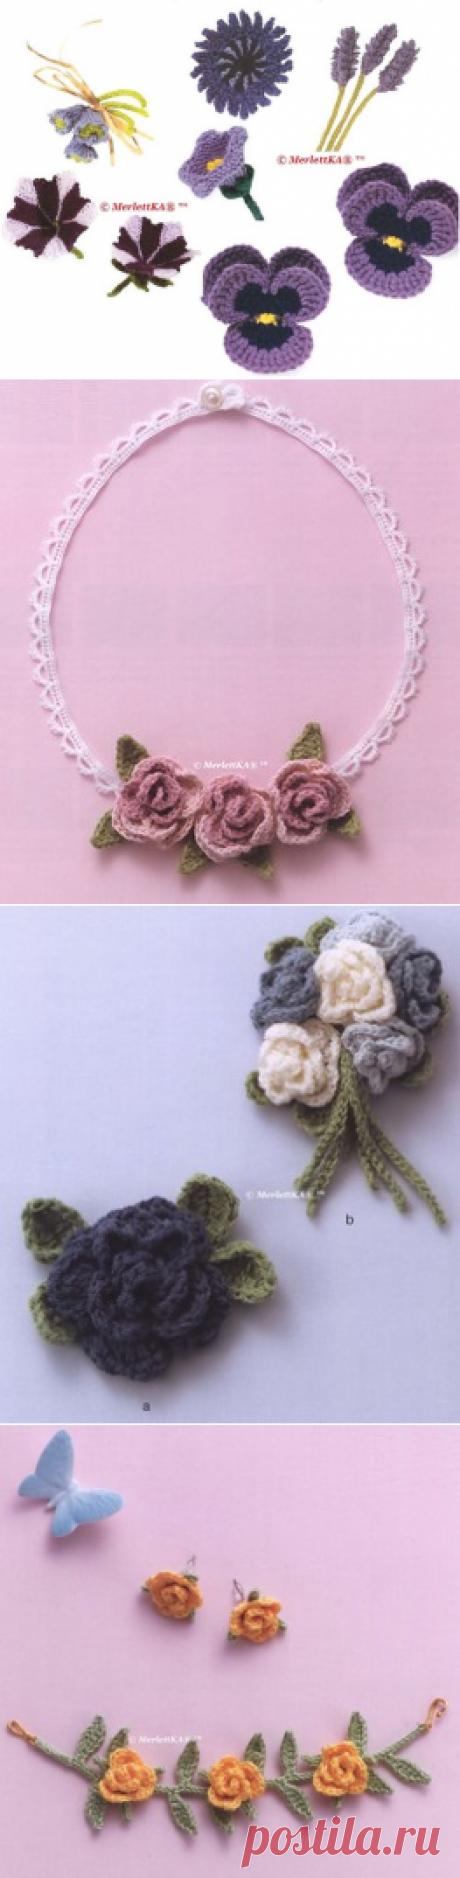 Вязаные крючком цветы ... идеи к пасхе + большая подборка с основами